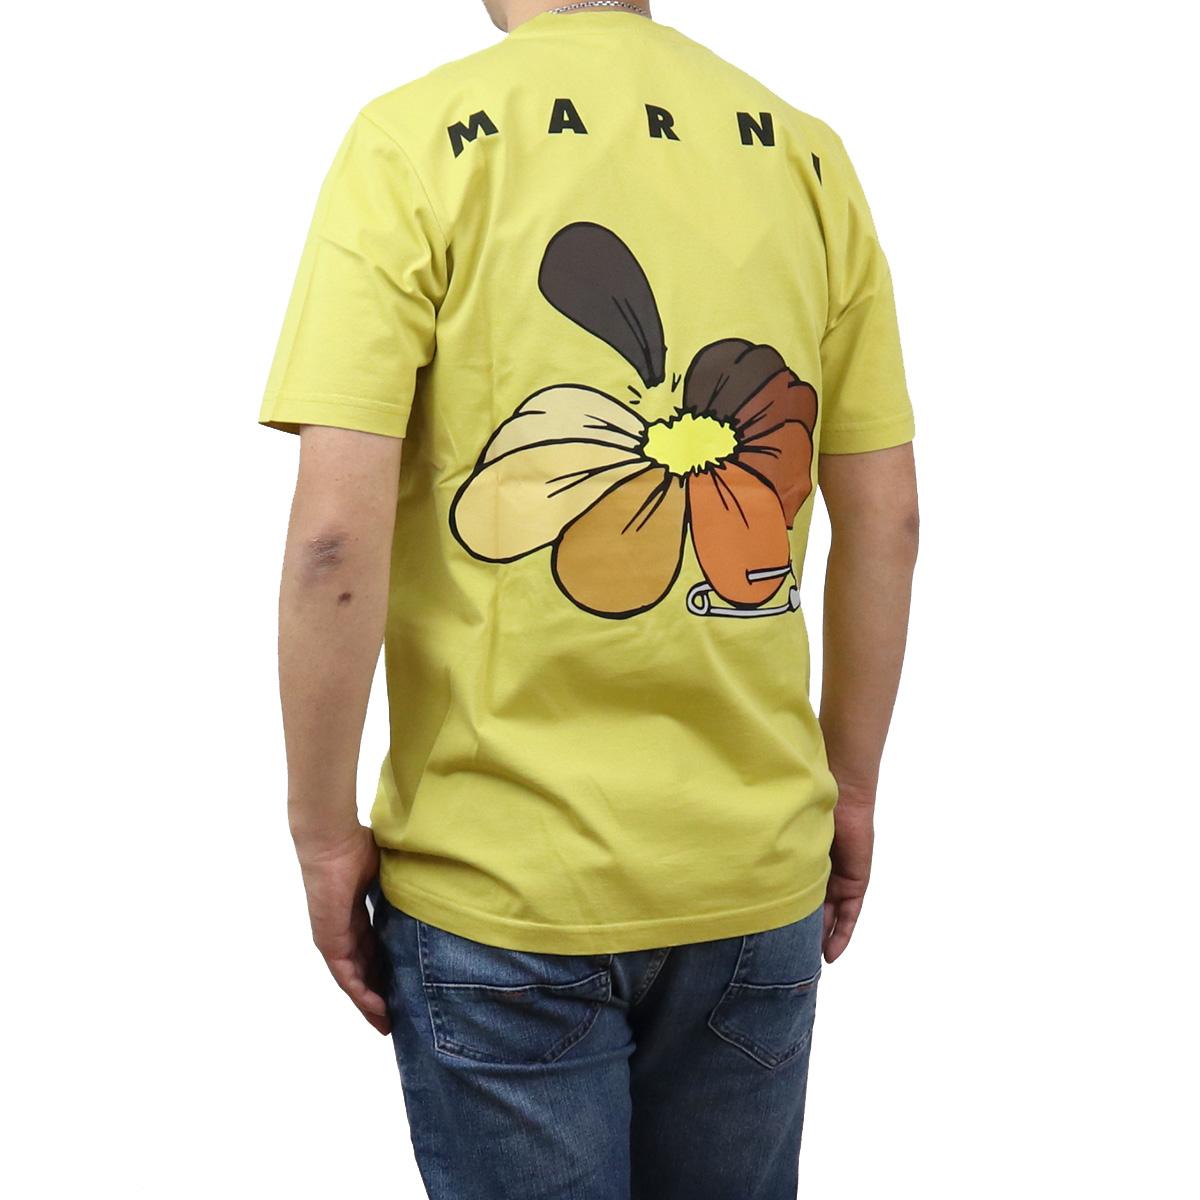 ※ 送料無料 数量限定 ラッピング無料 マルニ MARNI メンズ-Tシャツ HUMU0205P0 好評受付中 メンズ colo-01 ts-01 apparel-01 00V42 S23727 bos-22